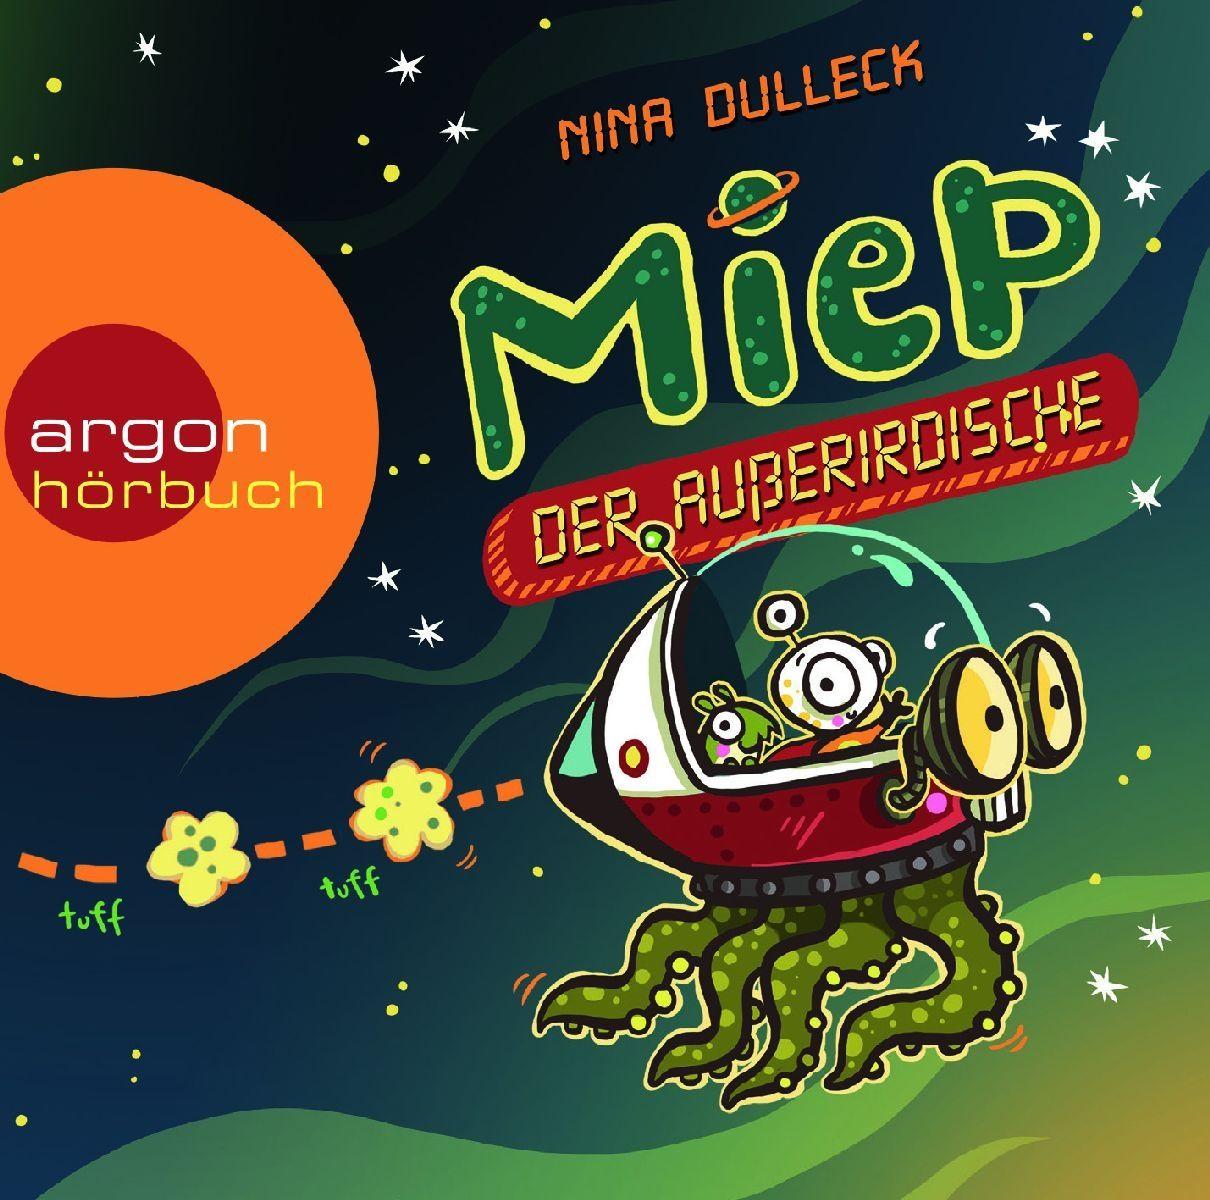 Ultratopbe Hörbuch Nina Dulleck Miep Der Ausserirdische